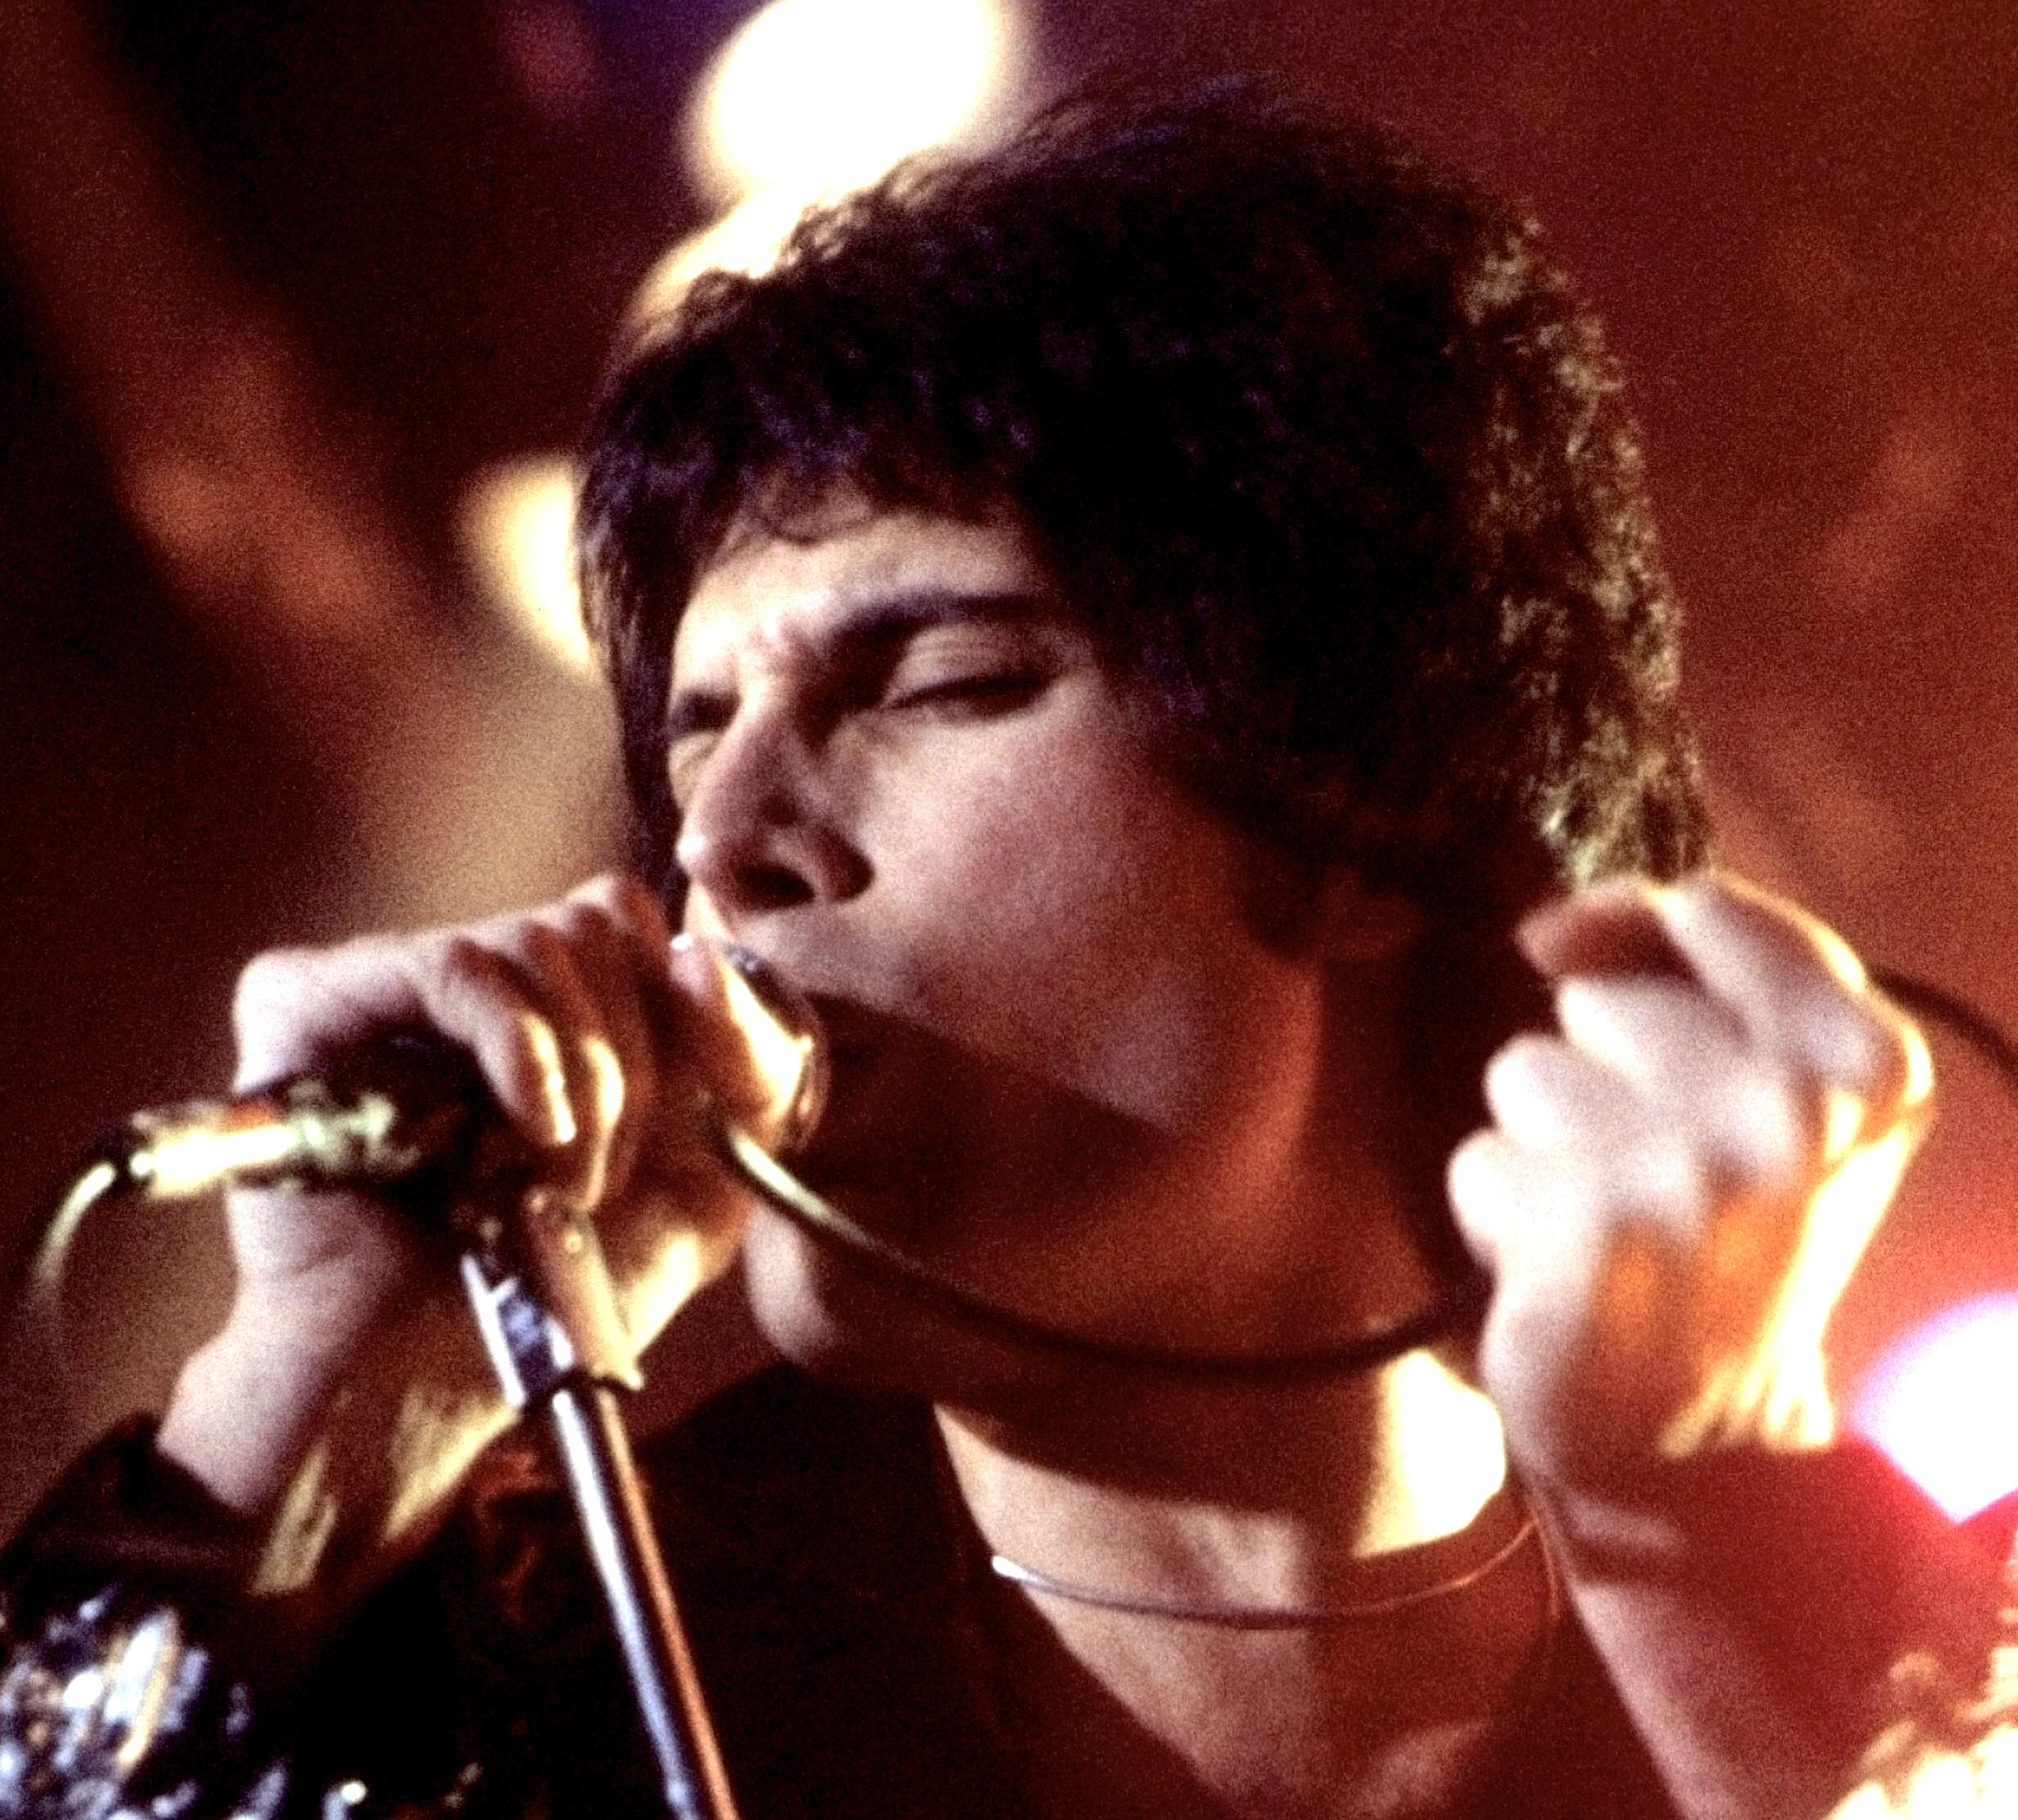 Freddie_Mercury_performing_in_New_Haven,_CT,_November_1977_cropped